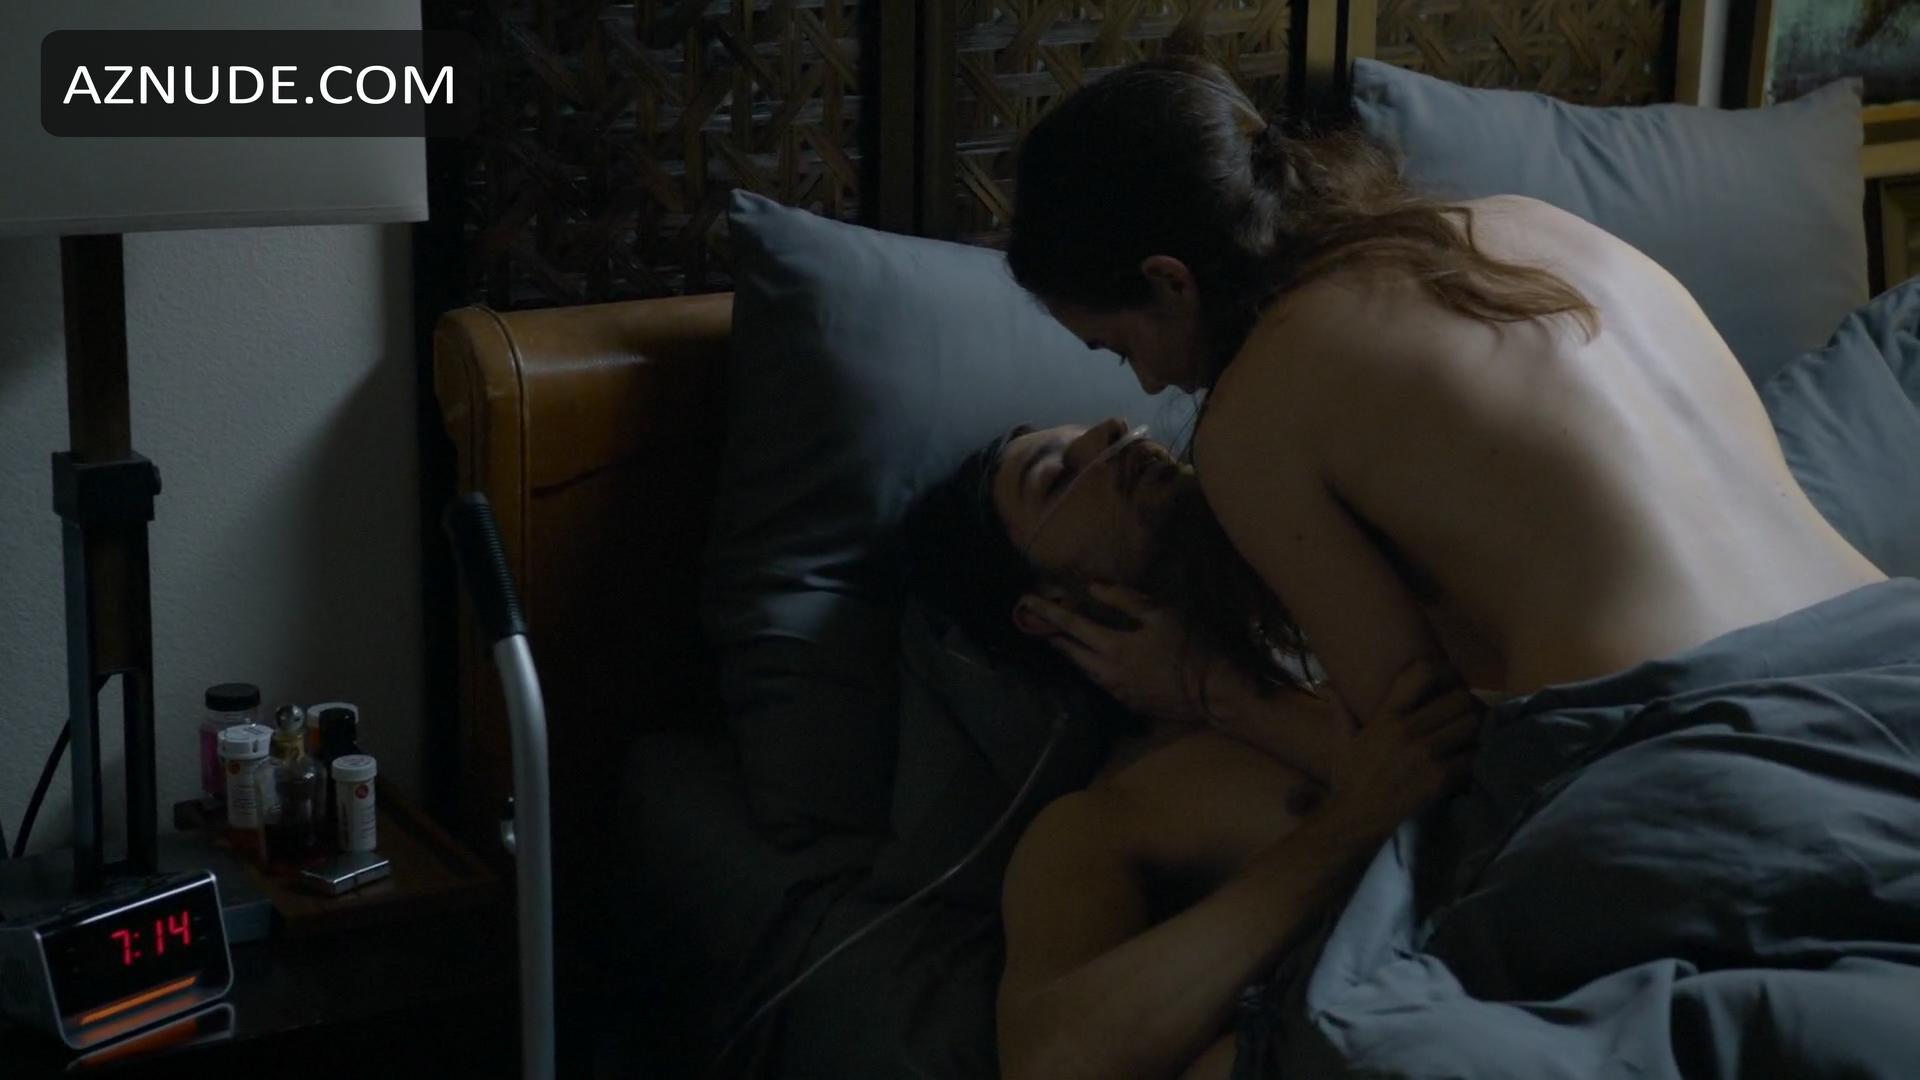 Top 10 Nude Scenes In Movies